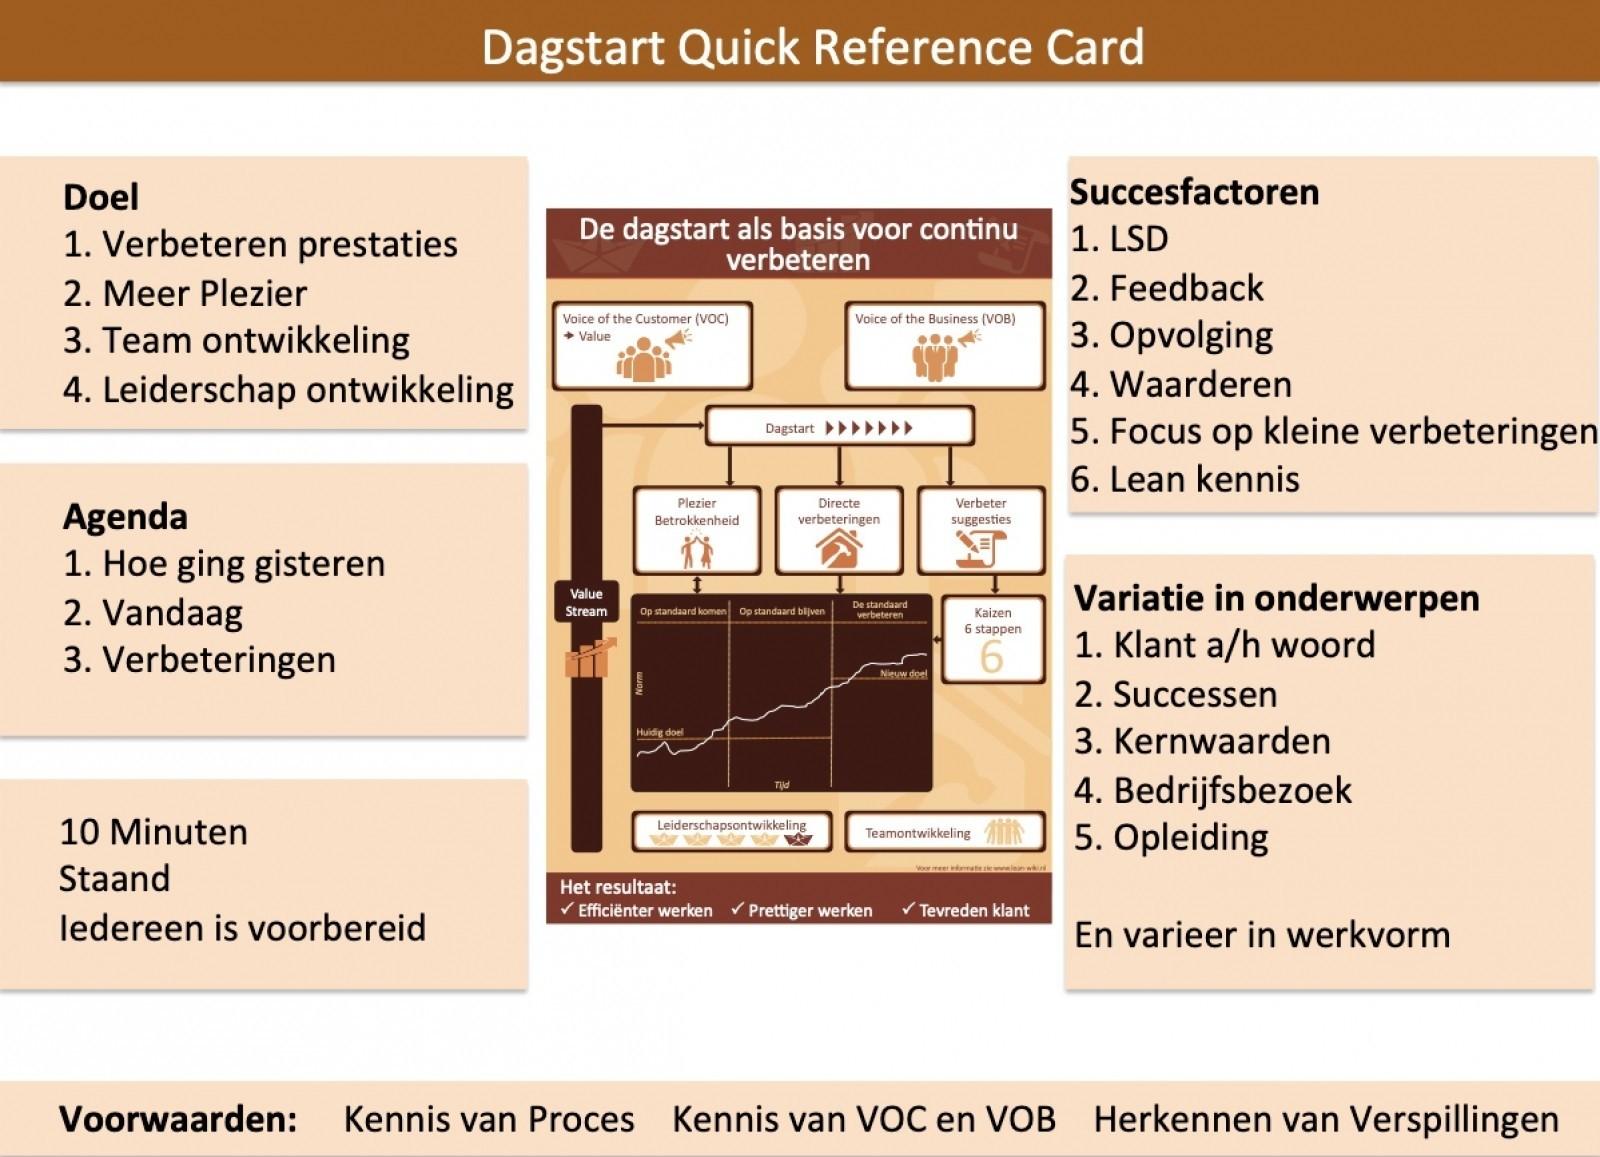 dagstart quickreferencecard